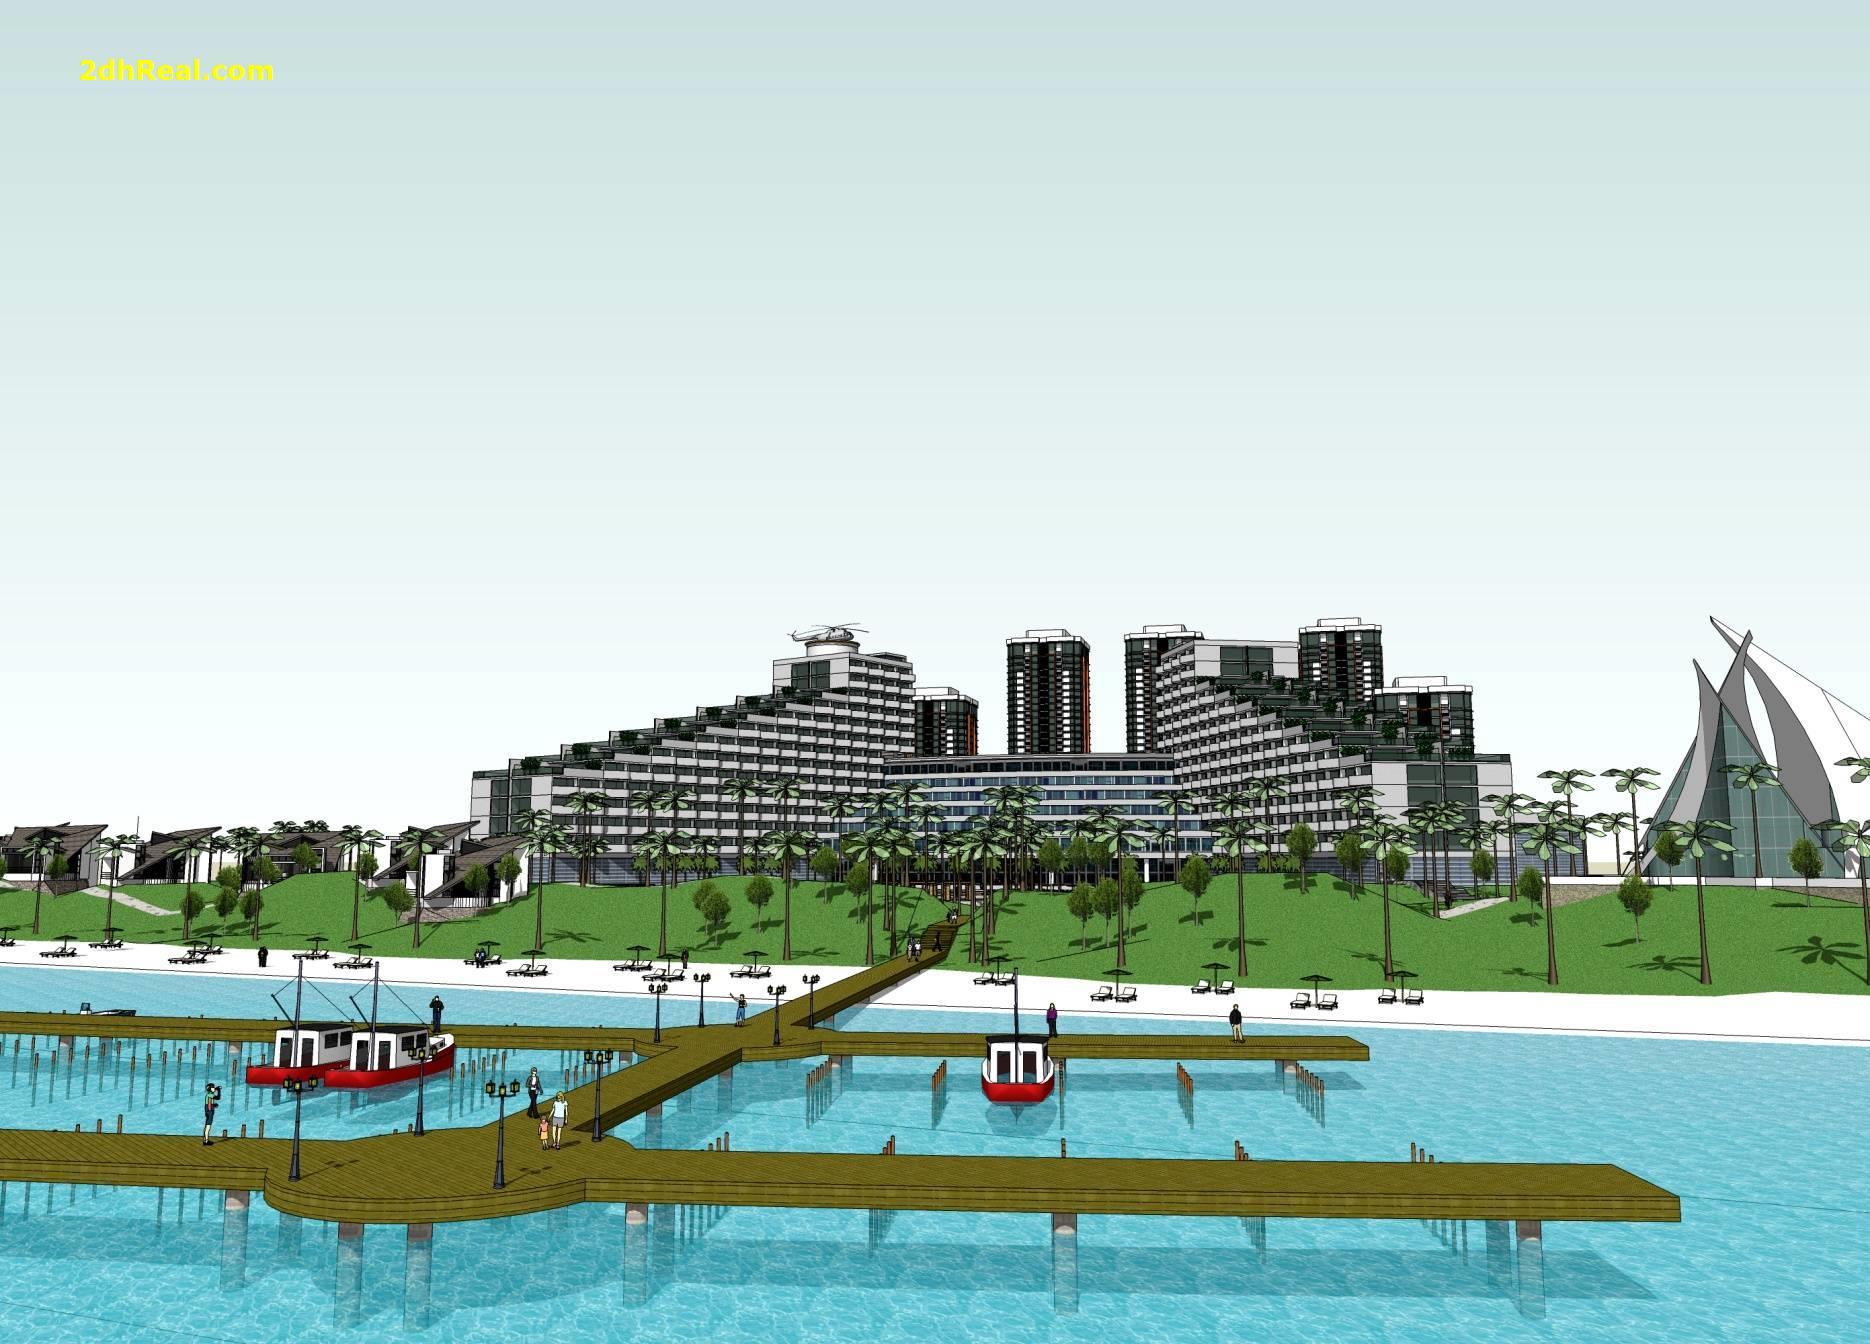 Bán dự án Resort 5 sao 20 hecta tại thành phố Vũng Tàu, tỉnh Bà Rịa – Vũng Tàu